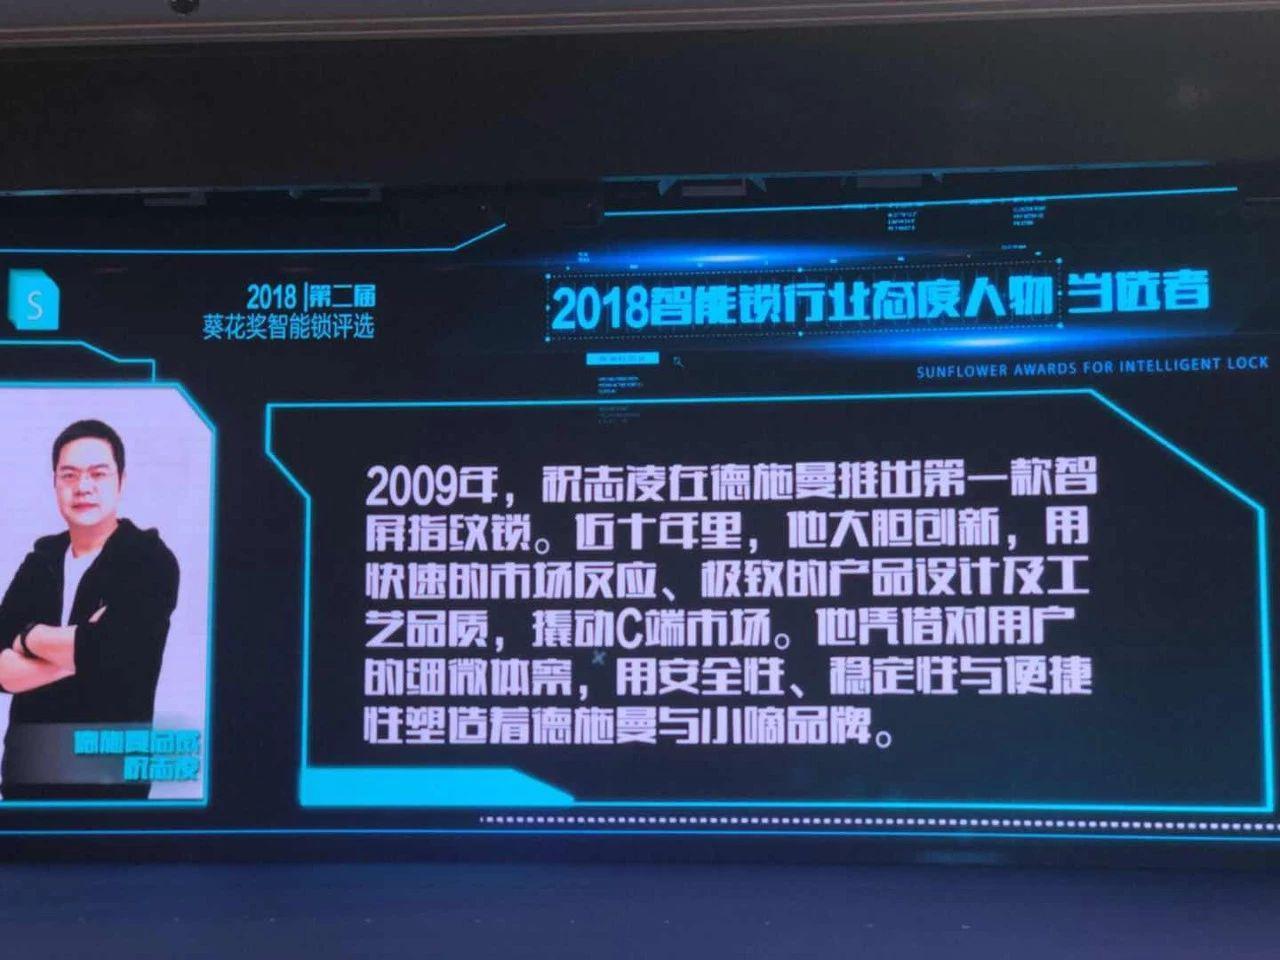 智能锁行业年度评选葵花奖出炉德施曼斩获三项大奖【生活热点】